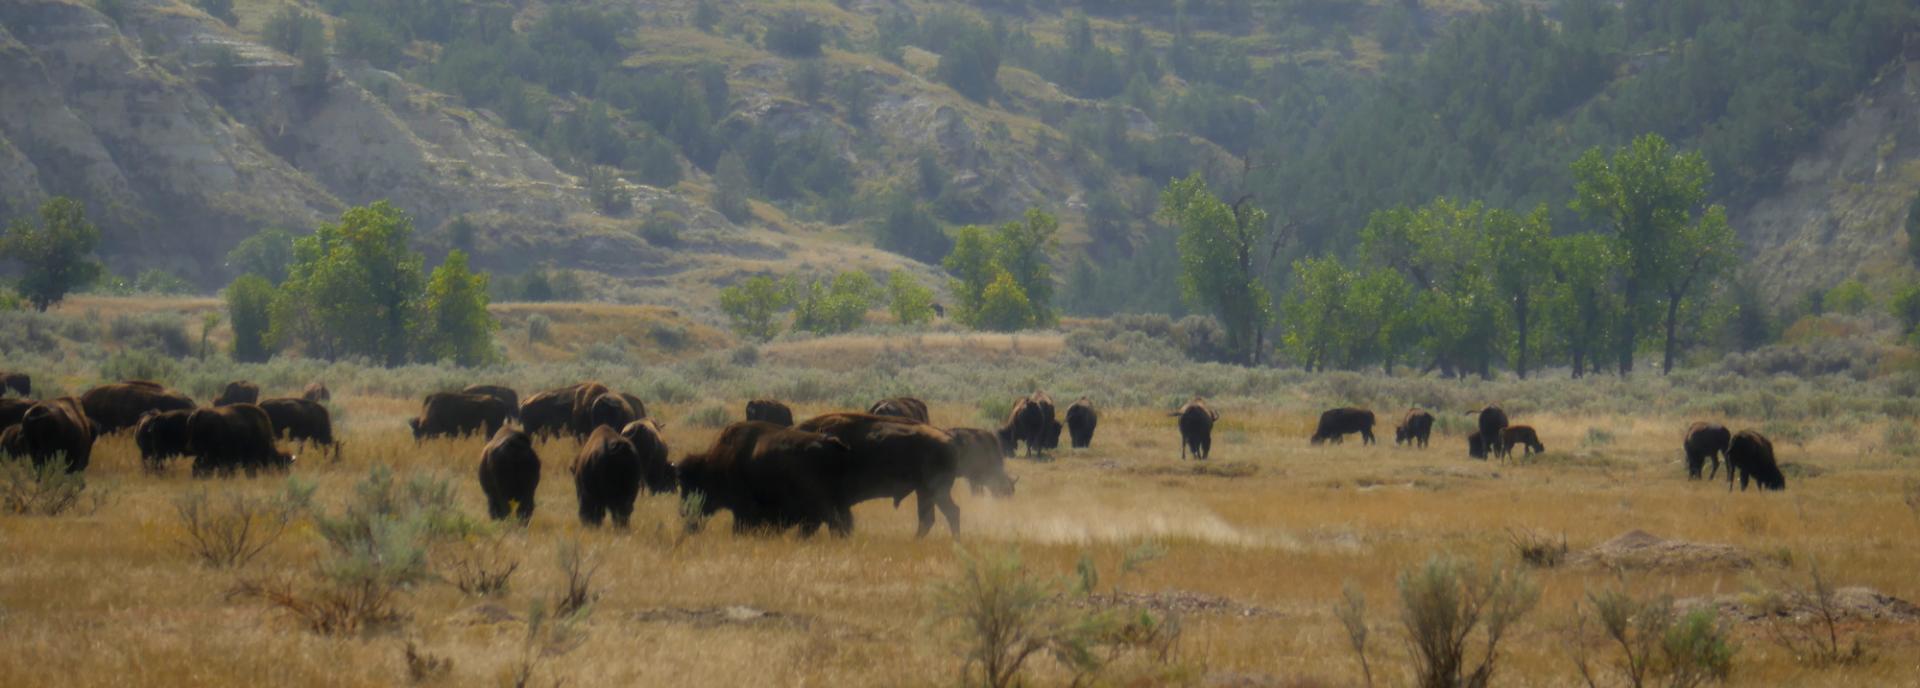 2 bison1